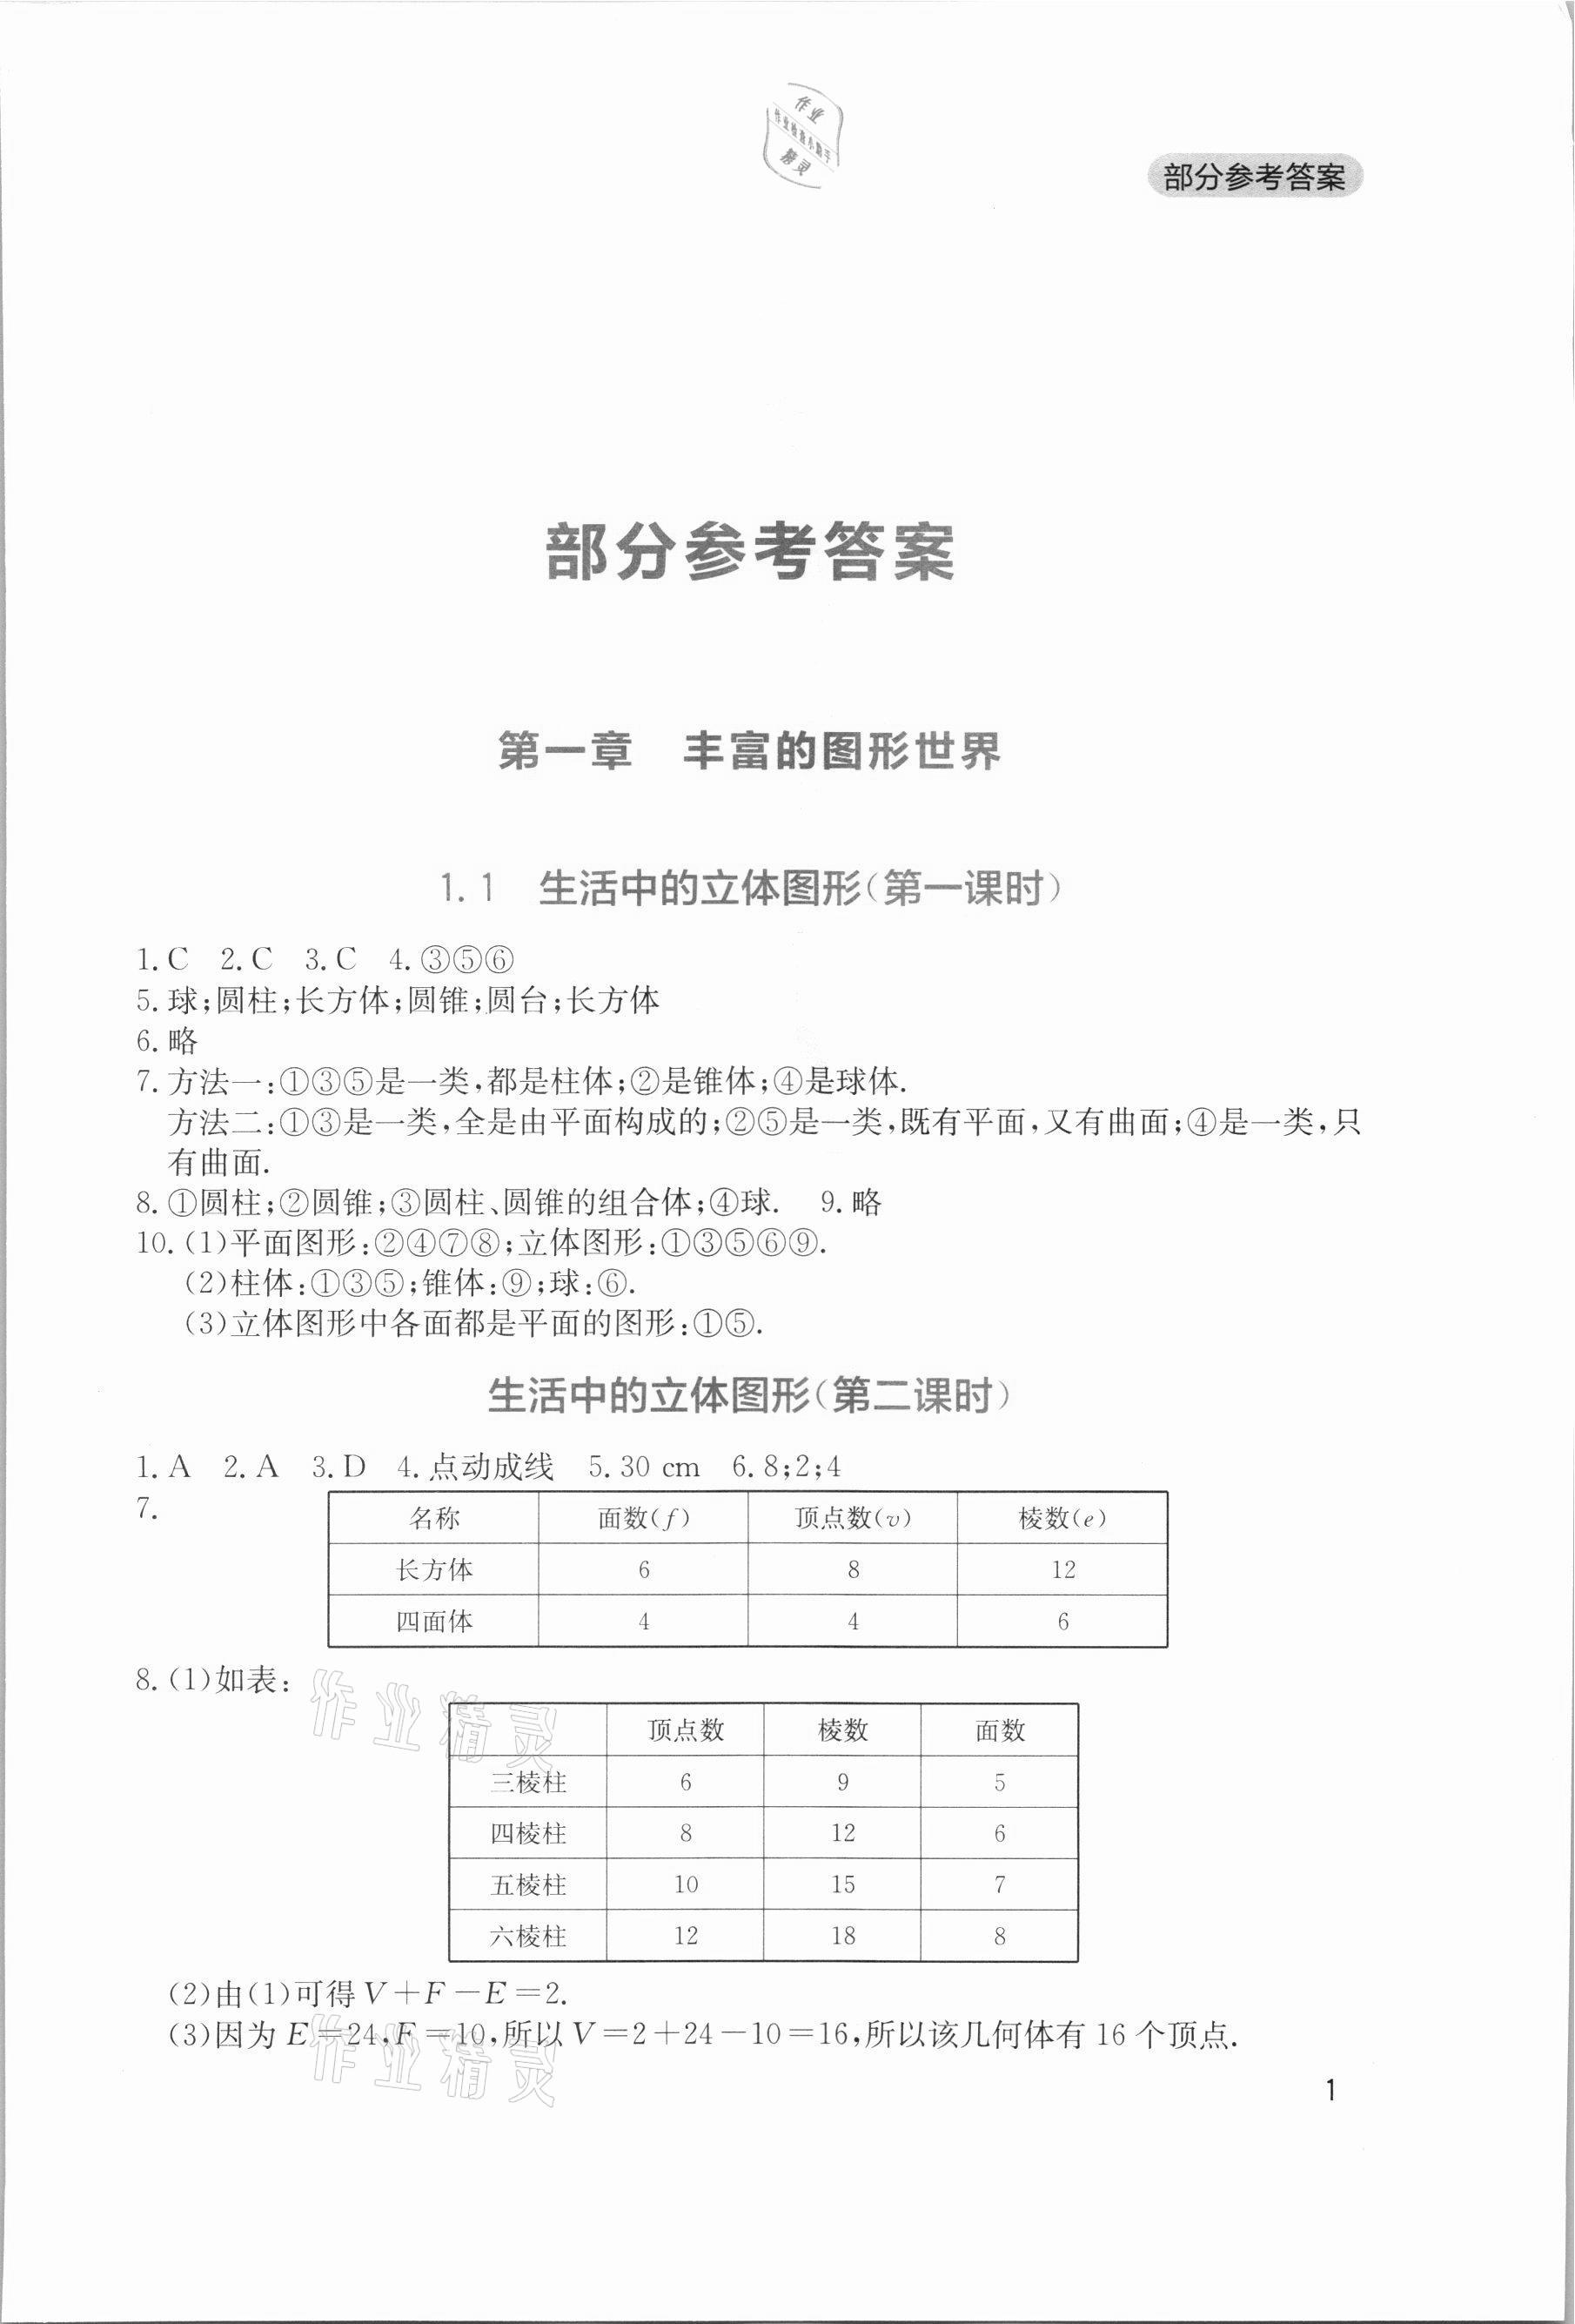 2021年新课程实践与探究丛书七年级数学上册北师大版第1页